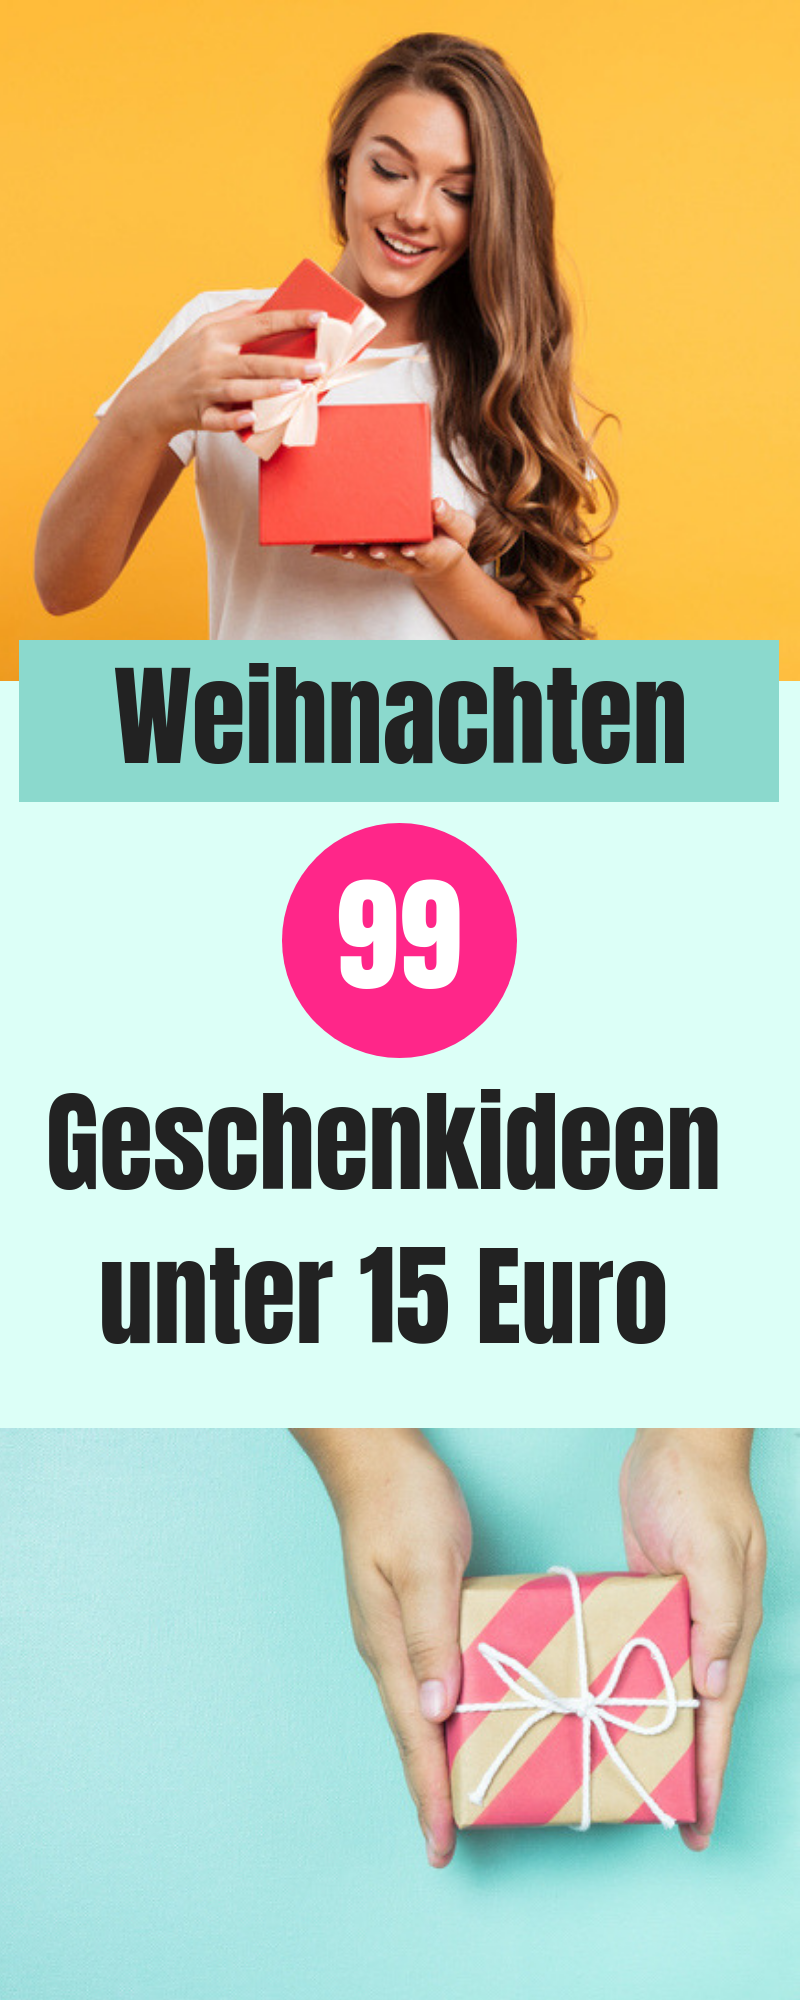 Weihnachtsgeschenke unter 15 Euro - günstig und auch zum Wichteln geeignet #weihnachtsgeschenkeeltern